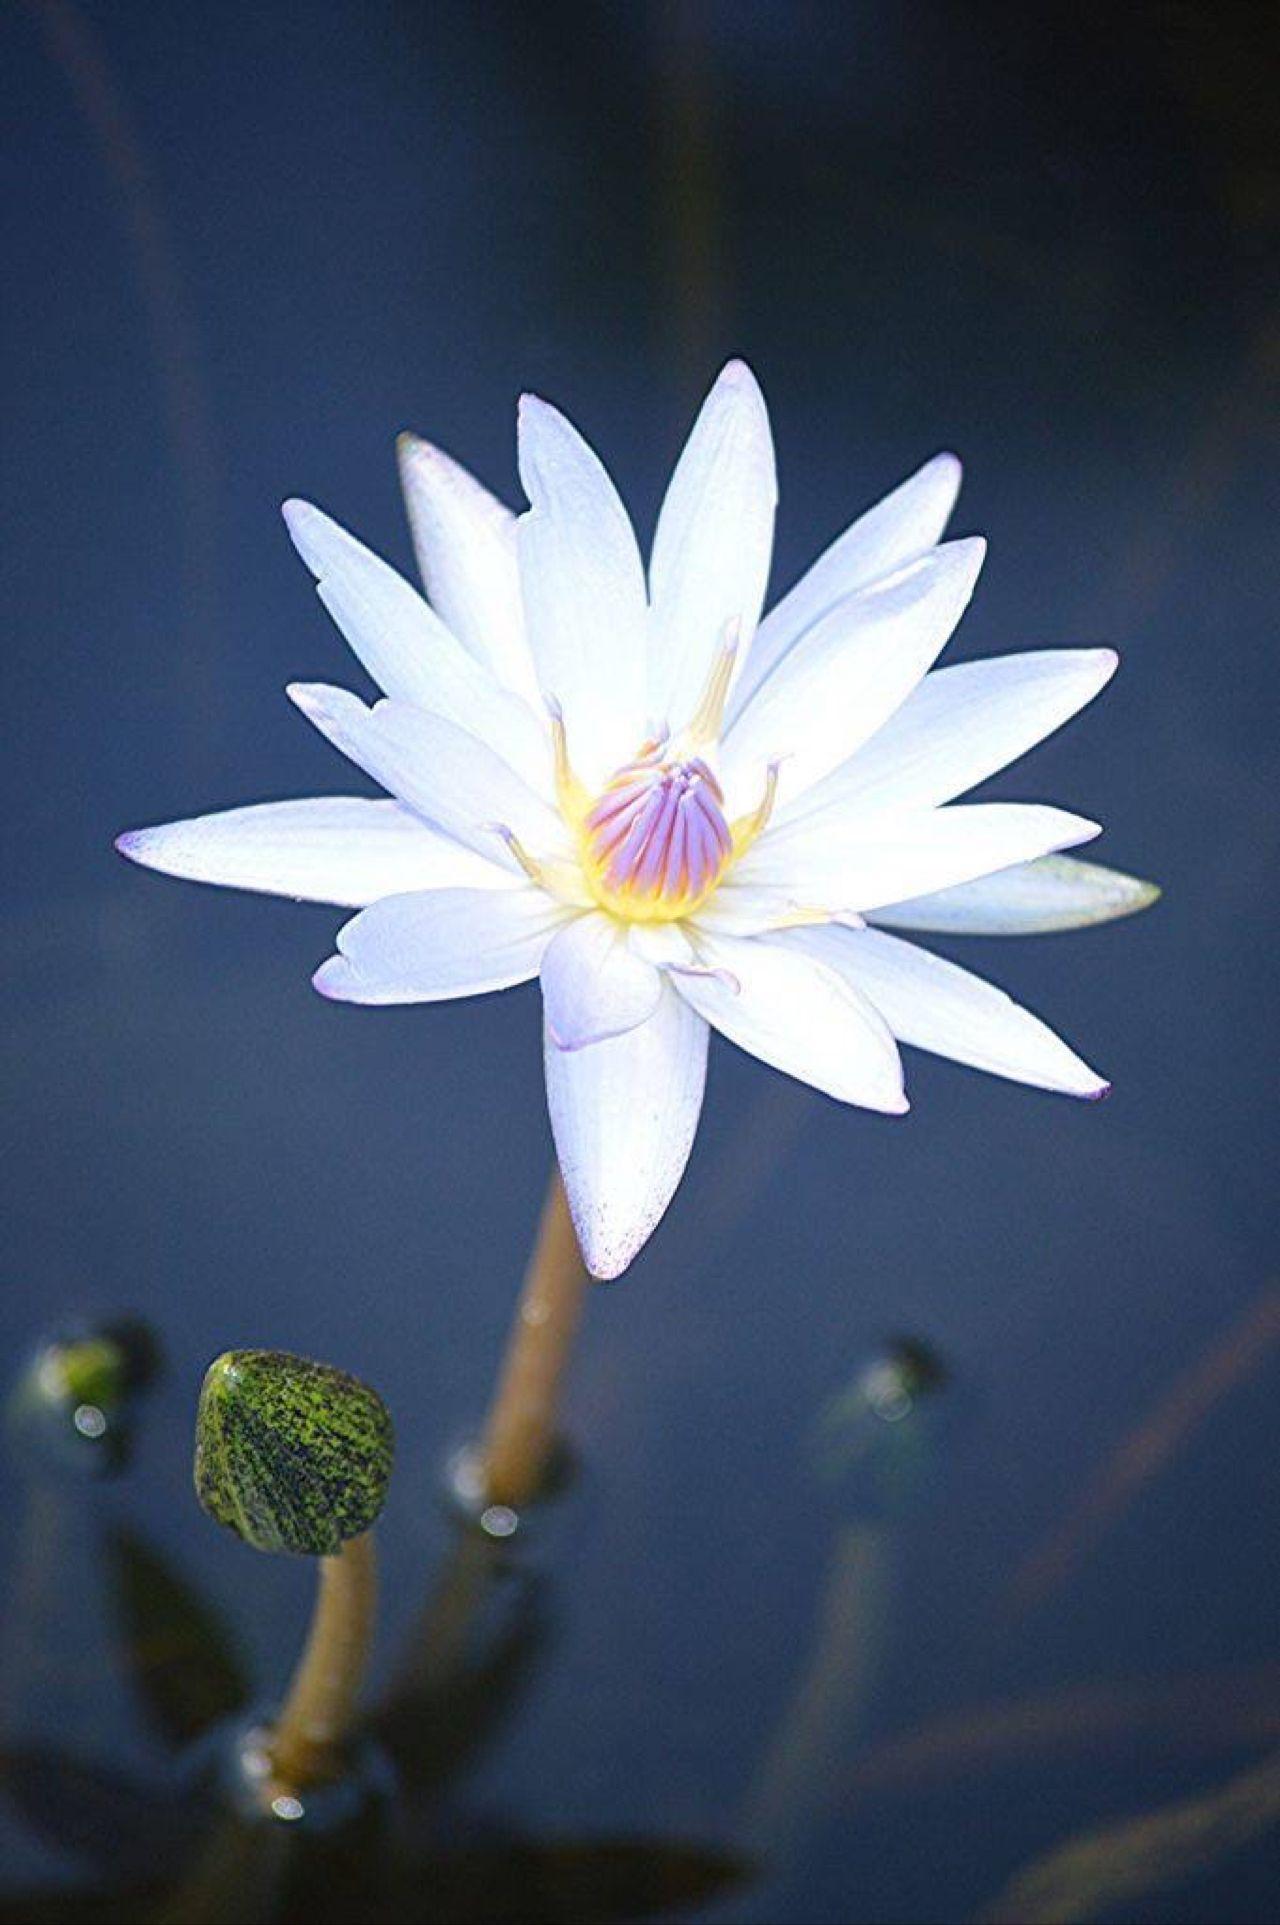 O lótus (padma), também conhecido como lótus-egípcio, lótus-sagrado ou lótus-da-índia, é uma planta aquática que floresce sobre a água.O significado mais importante da flor de lótus é pureza do corpo e da mente. A água lodosa que acolhe a planta é associada ao apego e aos desejos. Na literatura clássica de muitas culturas asiáticas, a flor de lótus simboliza elegância, beleza, perfeição, pureza e graça, sendo frequentemente associada aos atributos femininos ideais.